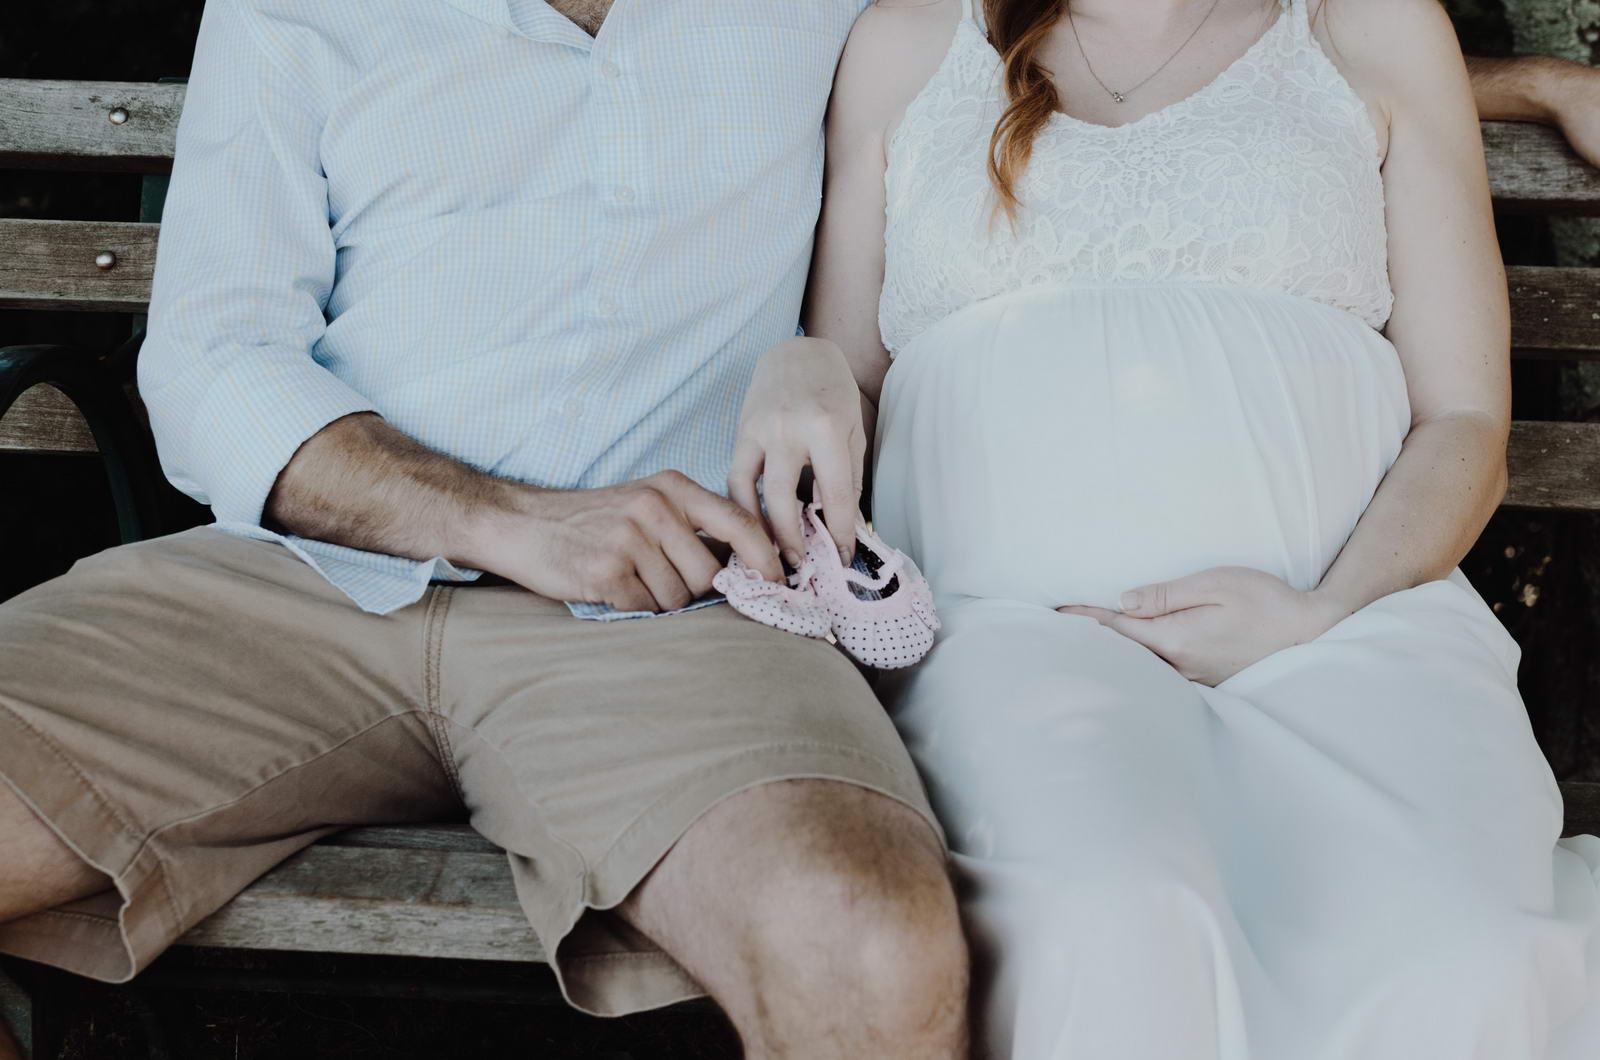 demenagement 1 mois avant accouchement